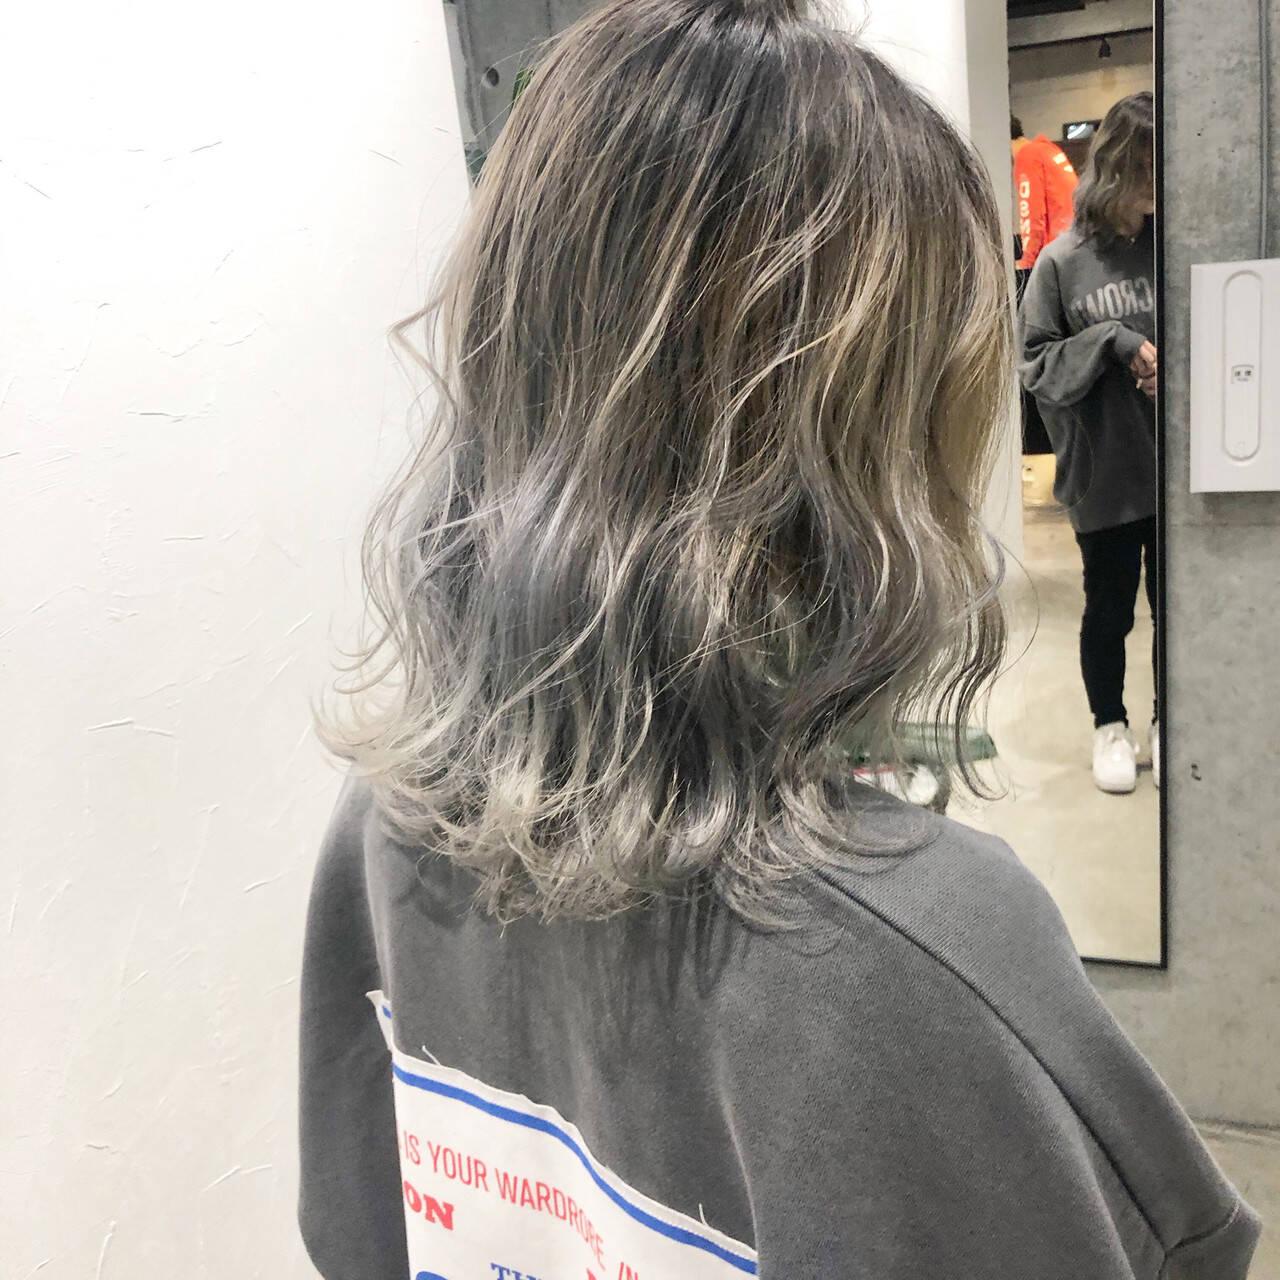 シルバー ストリート 切りっぱなしボブ バレイヤージュヘアスタイルや髪型の写真・画像